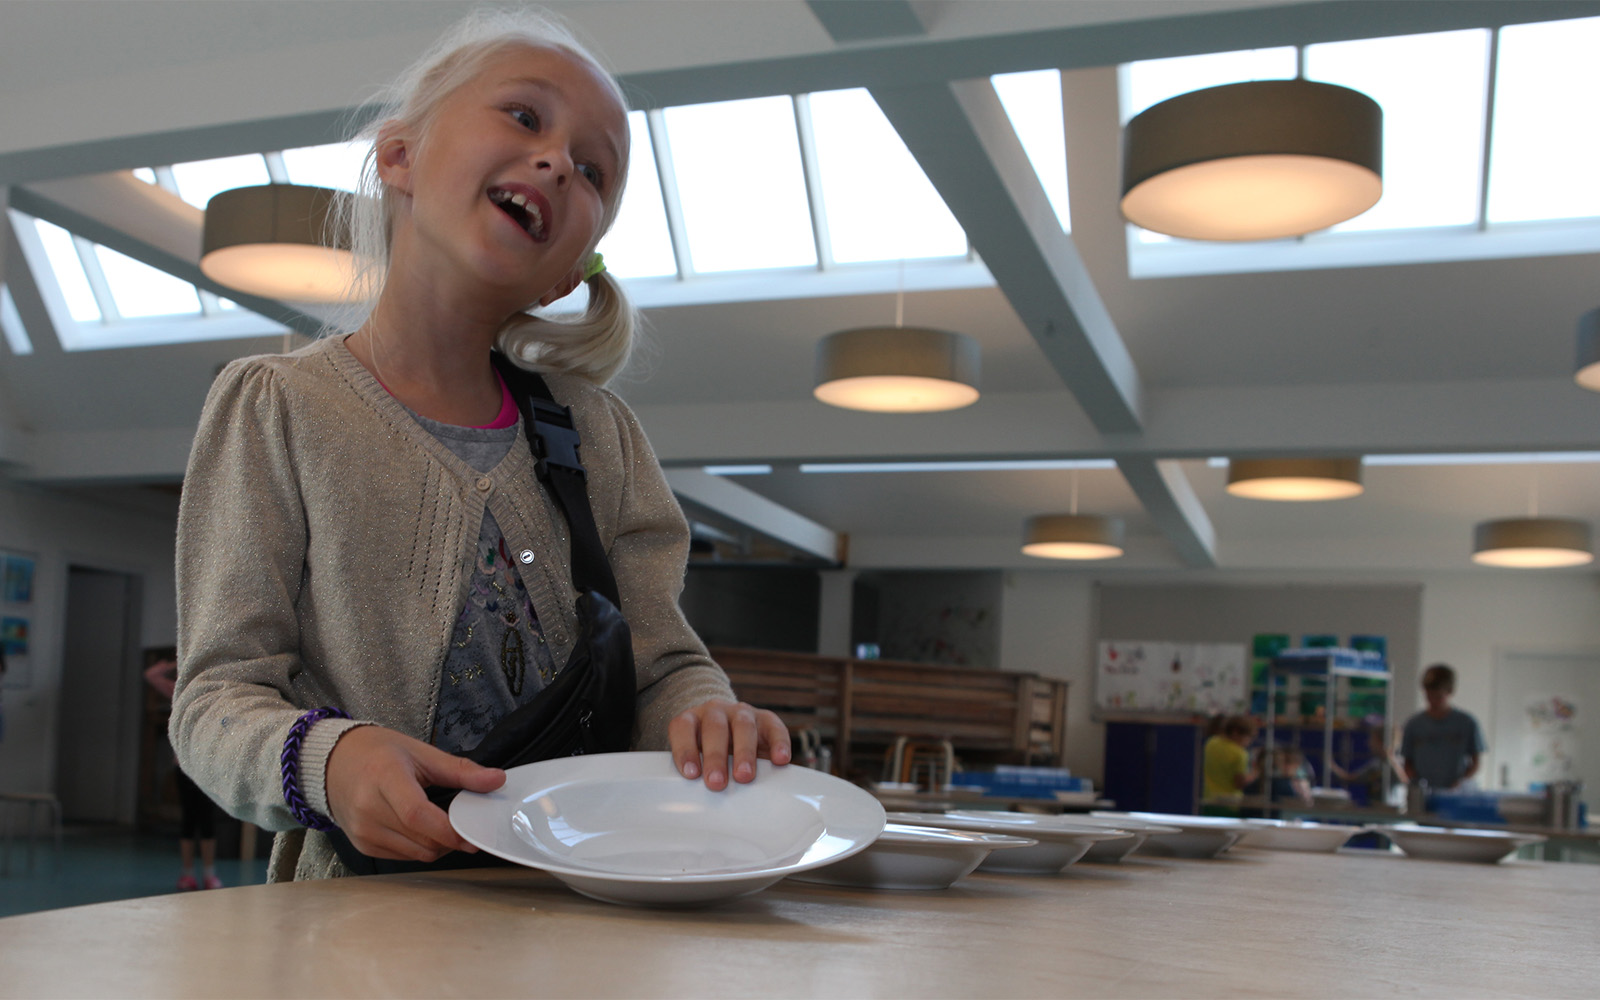 Écolière à la cafétéria, illuminée grâce aux verrières et un éclairage artificiel